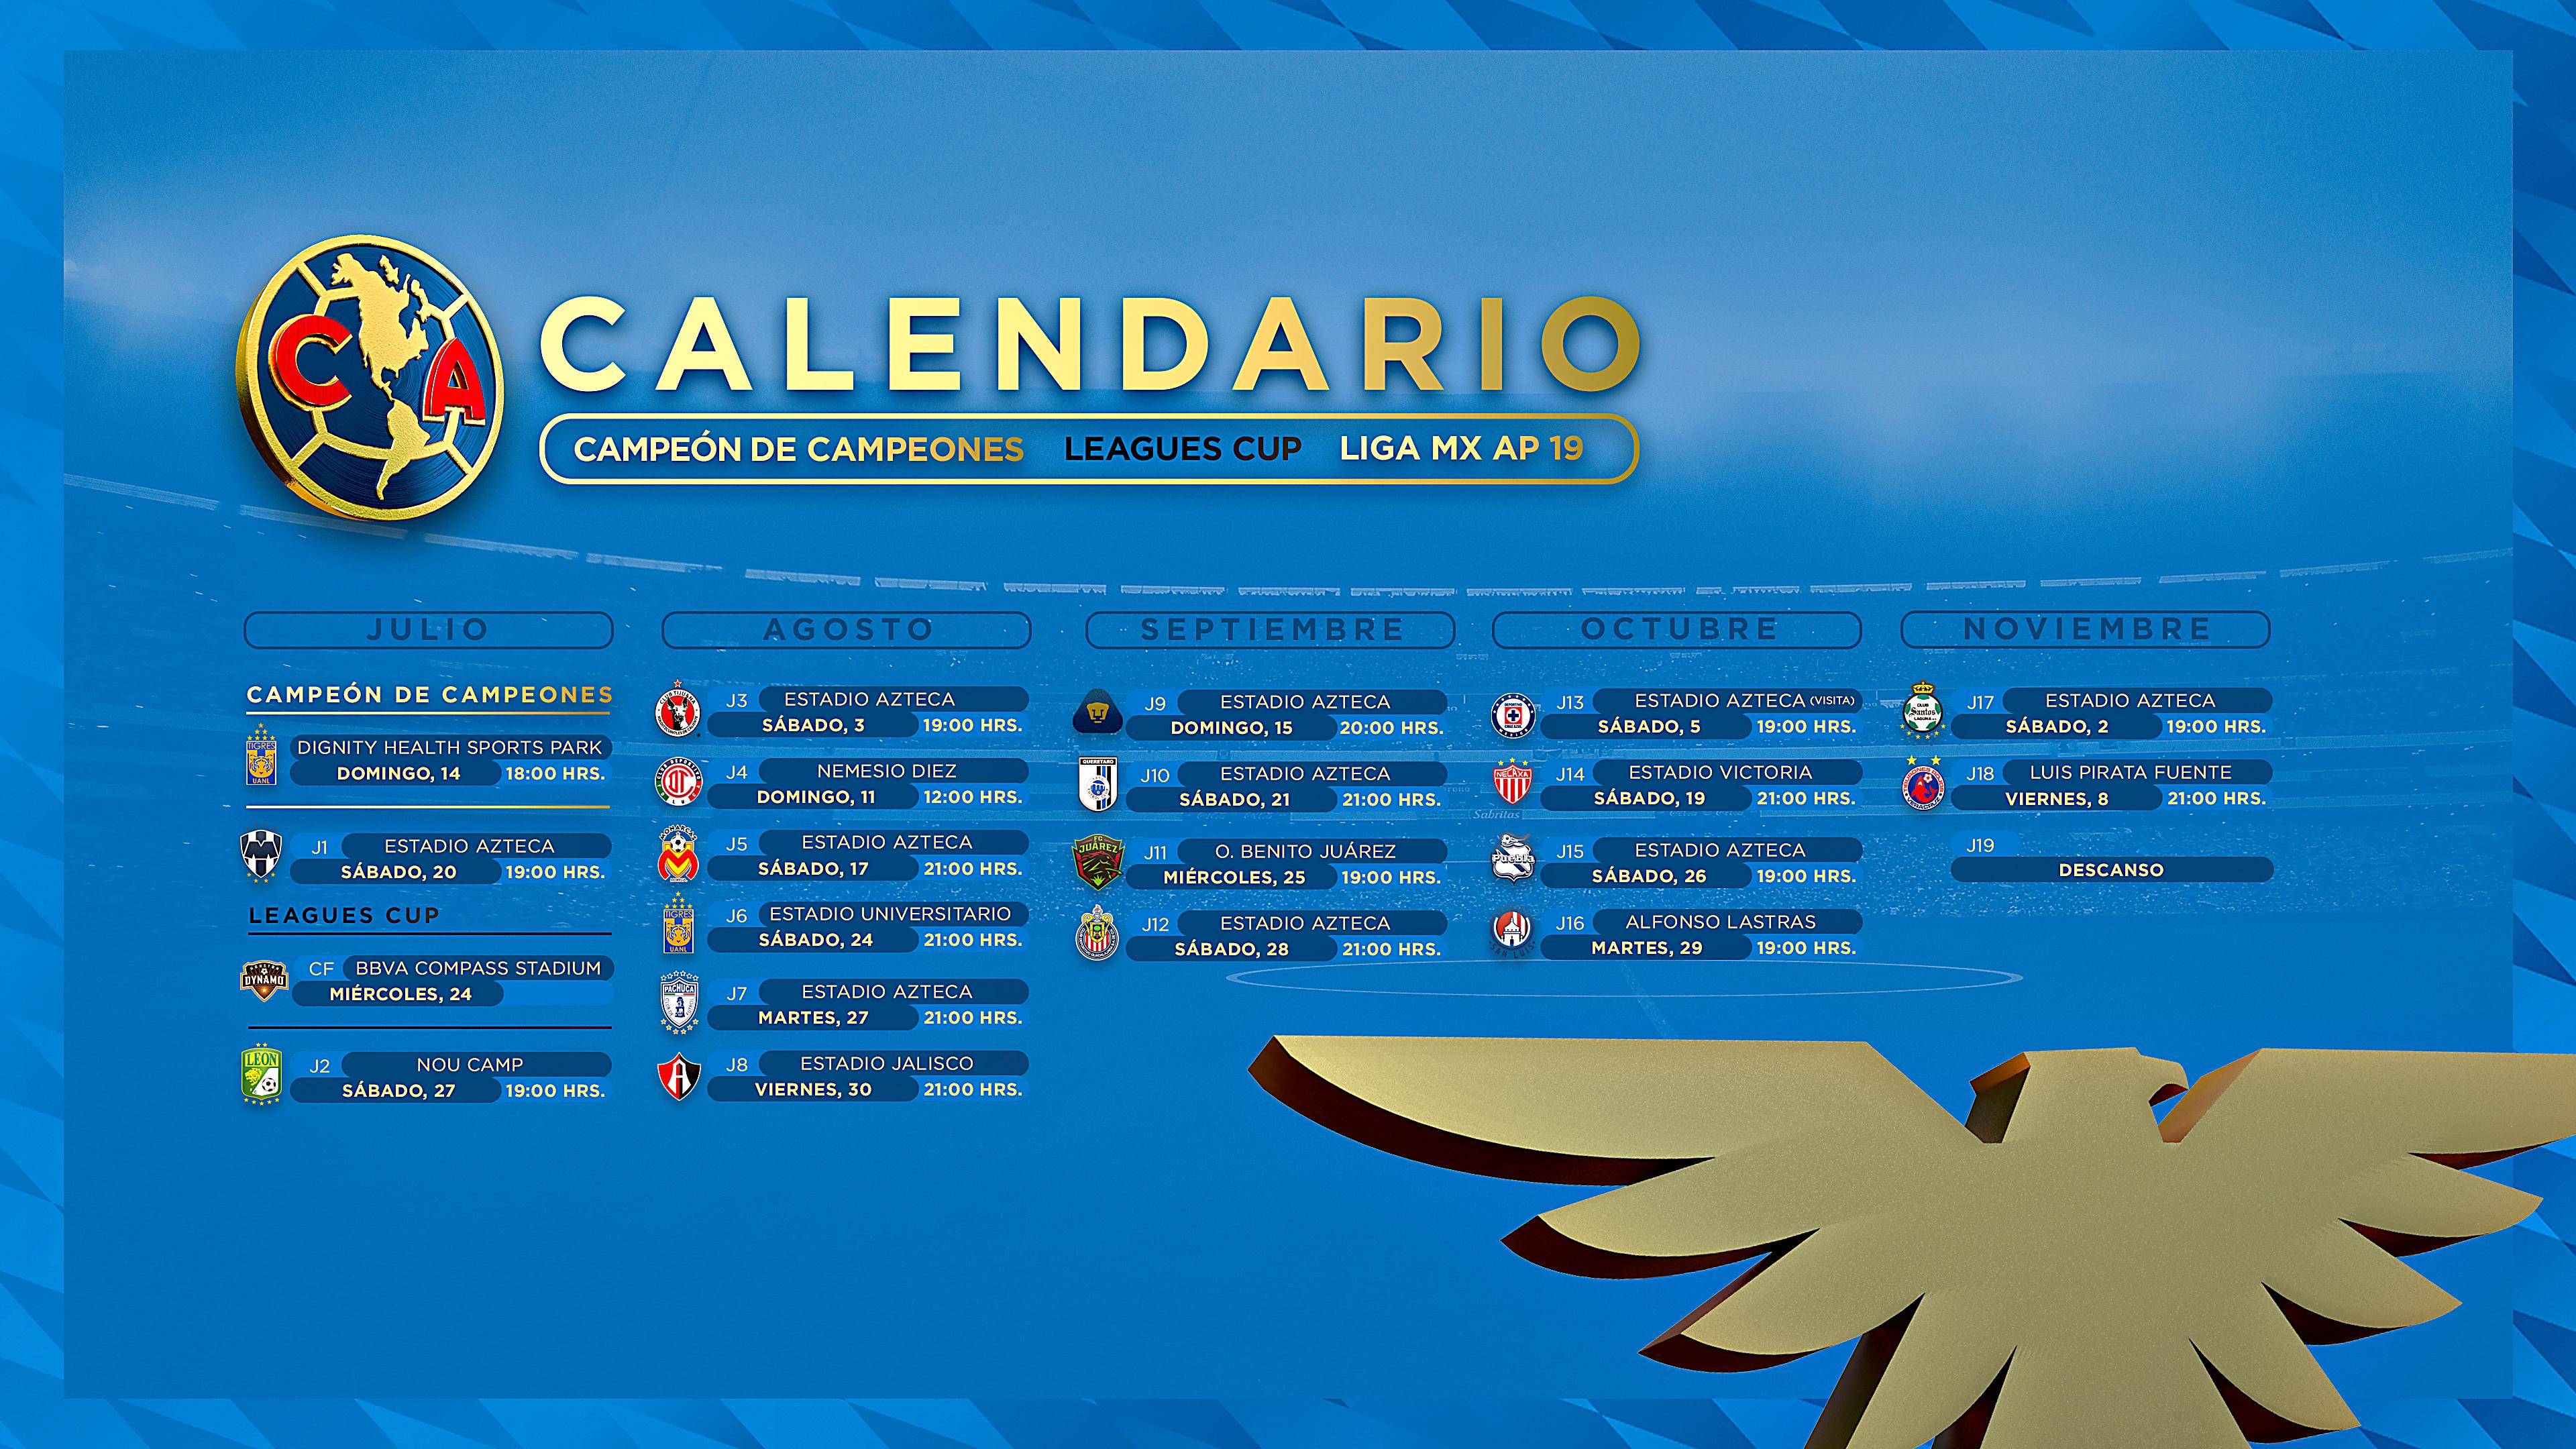 Liga Bbva Calendario Y Resultados.Calendario Club America Apertura 2019 Club America Sitio Oficial